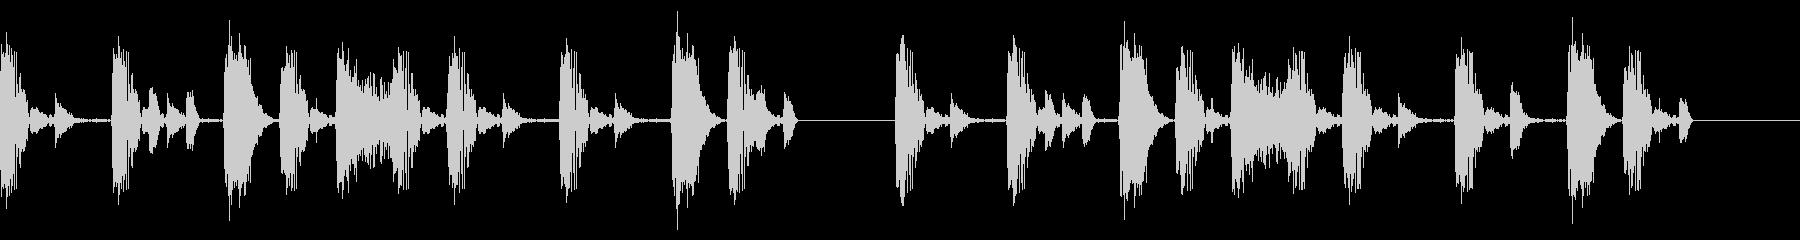 シンキングタイムなビート音の未再生の波形